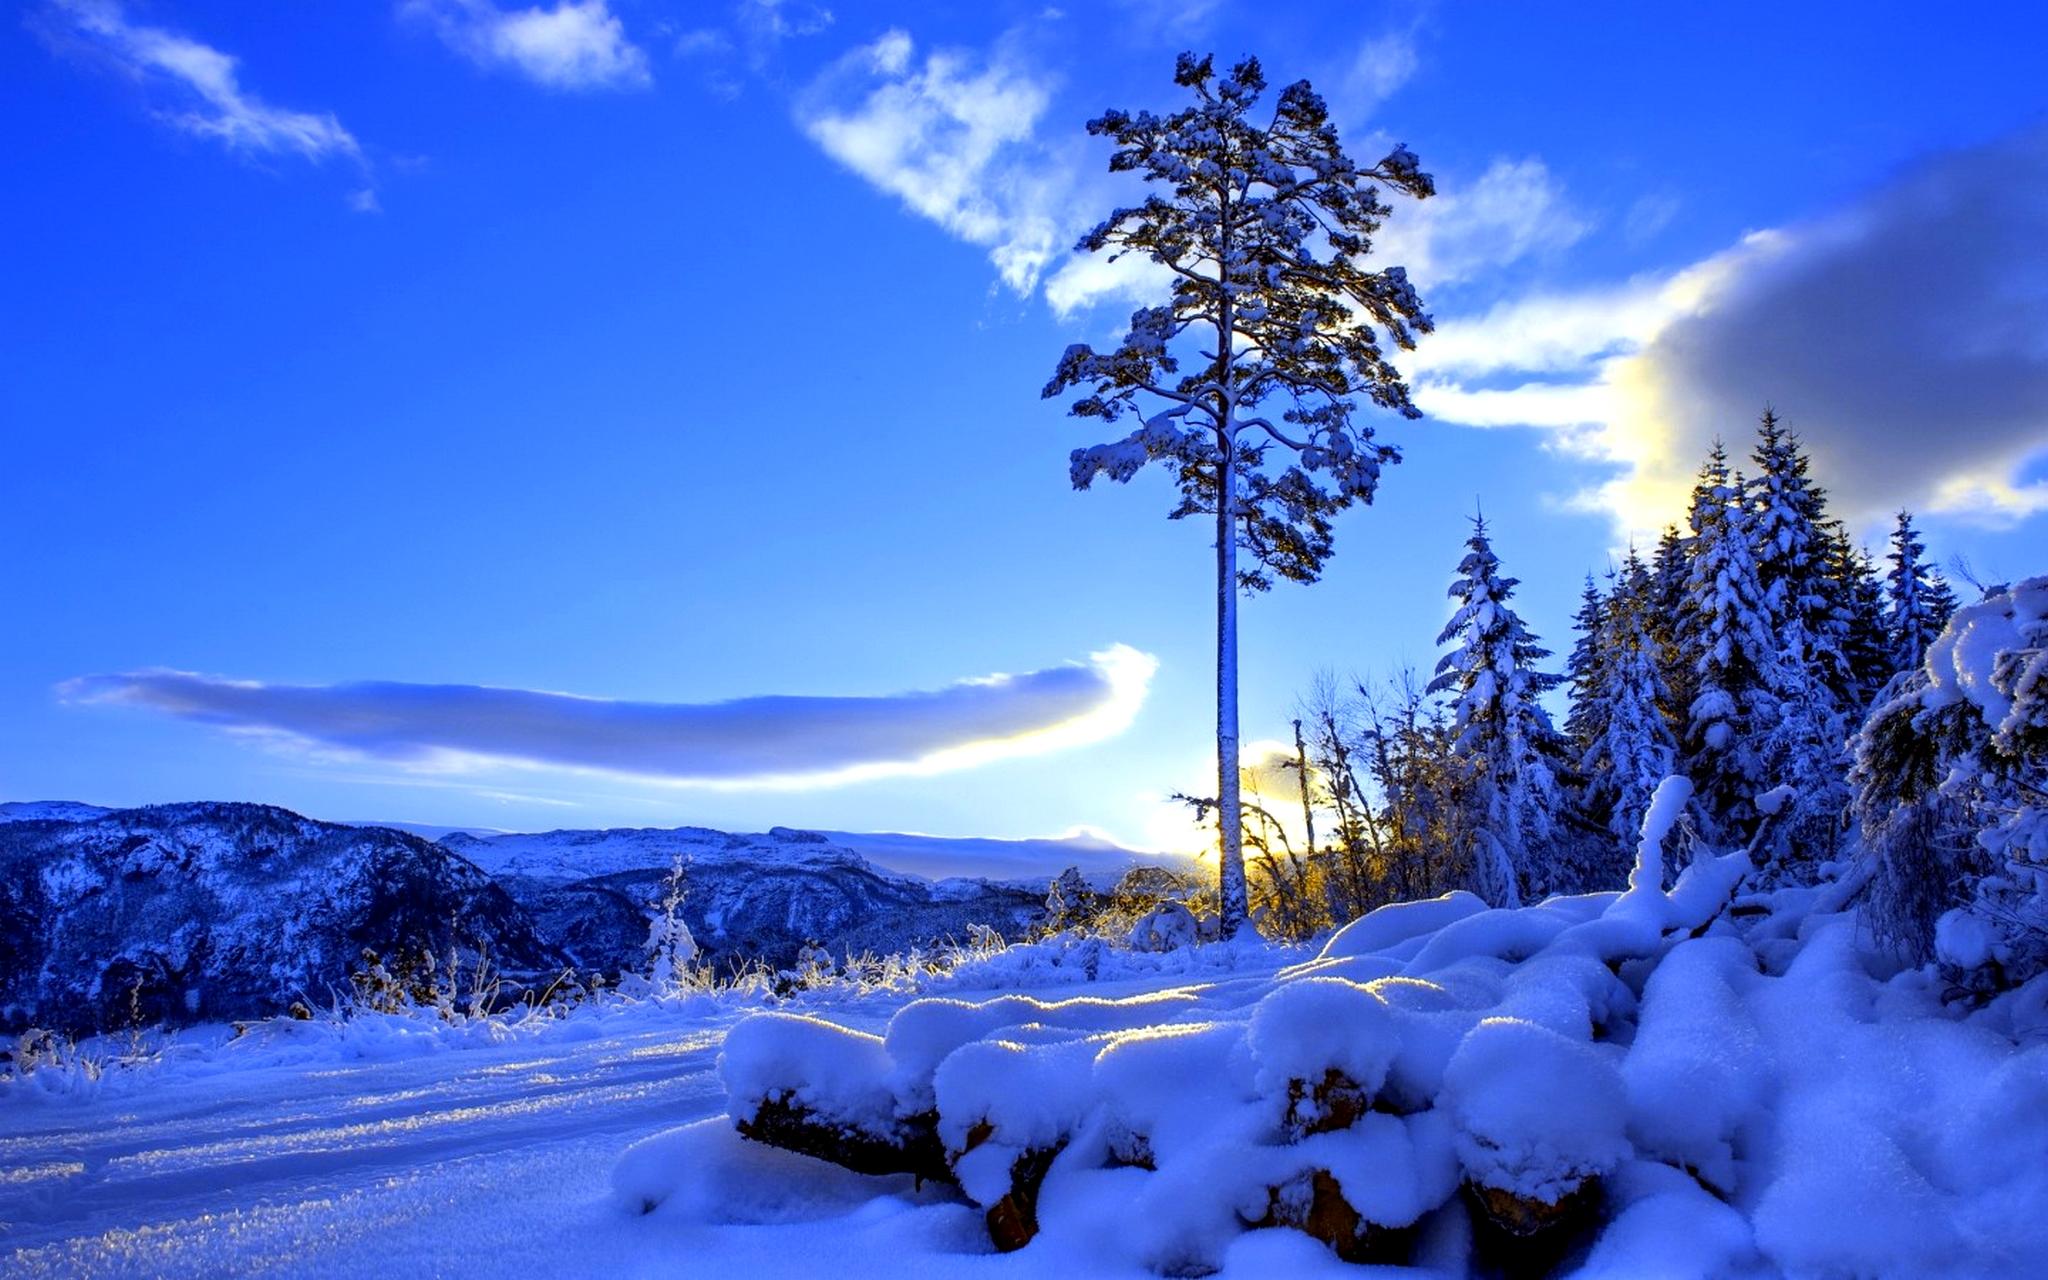 Snow Village 3d Live Wallpaper And Screensaver Sunlight Wallpaper Winter Hd Desktop Wallpapers 4k Hd